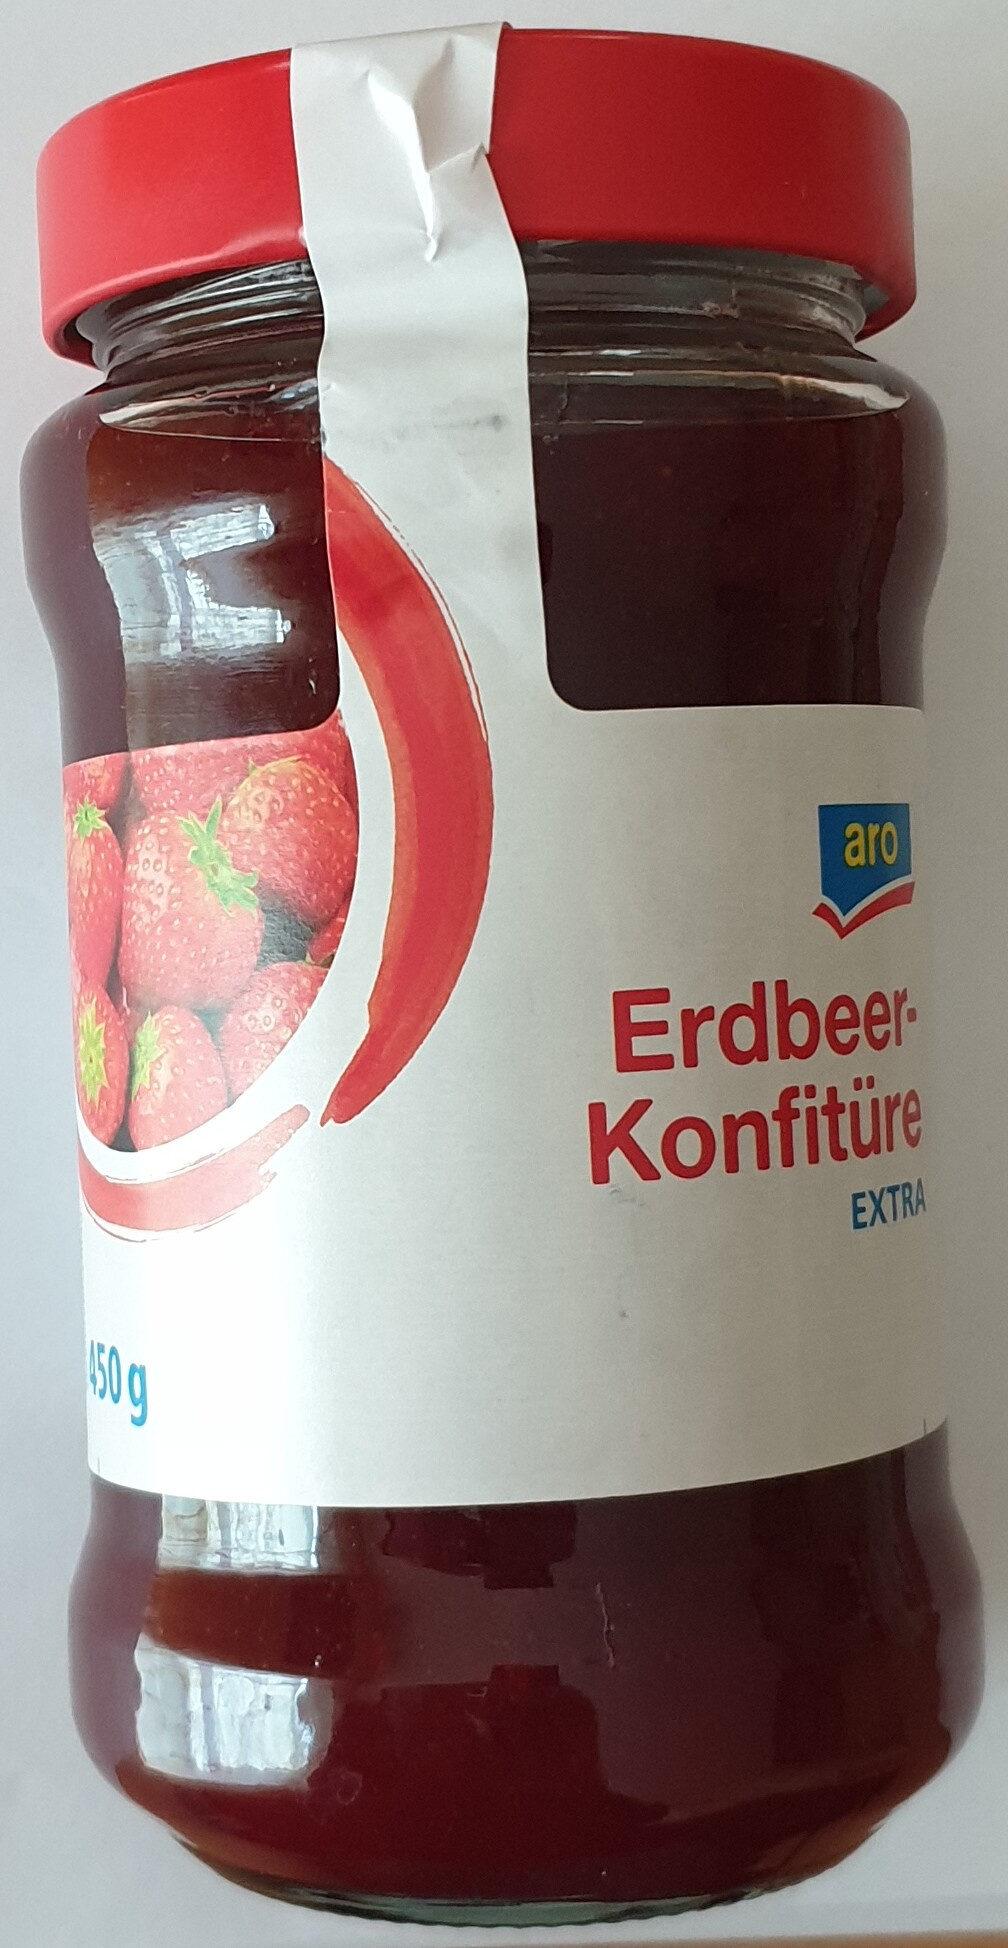 Erdbeer-Konfitüre Extra - Produit - de